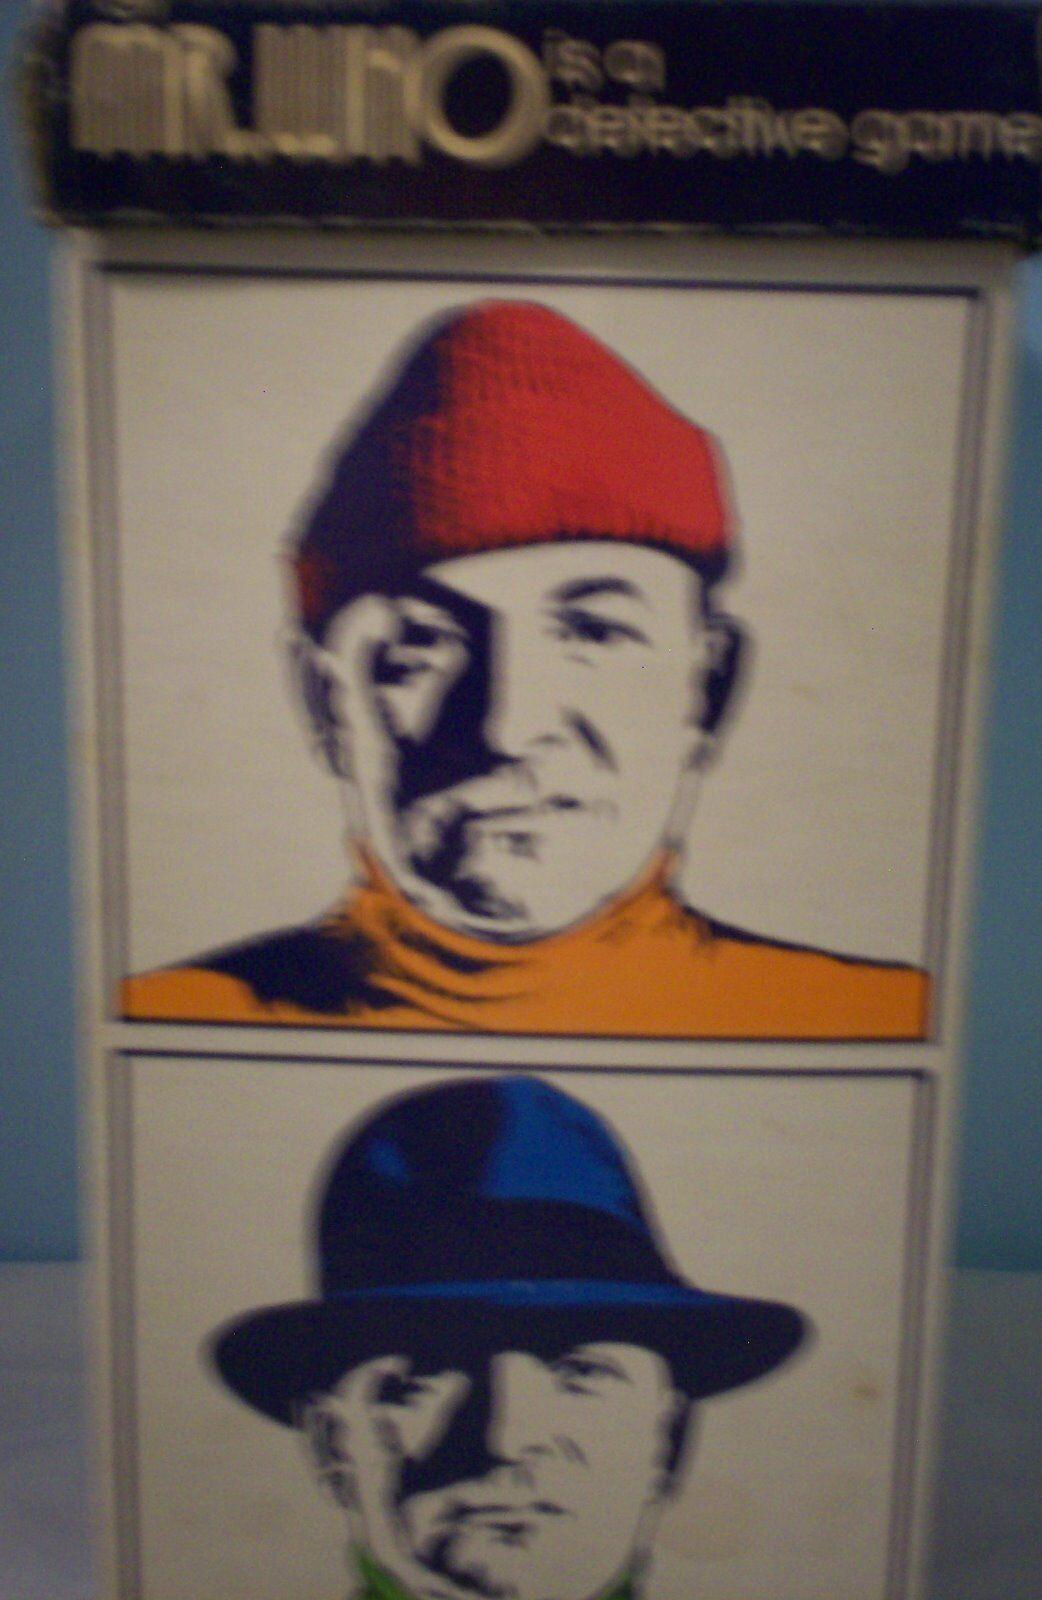 Mr. wer detective karte brettspiel von 3m 1973 abgeschlossen